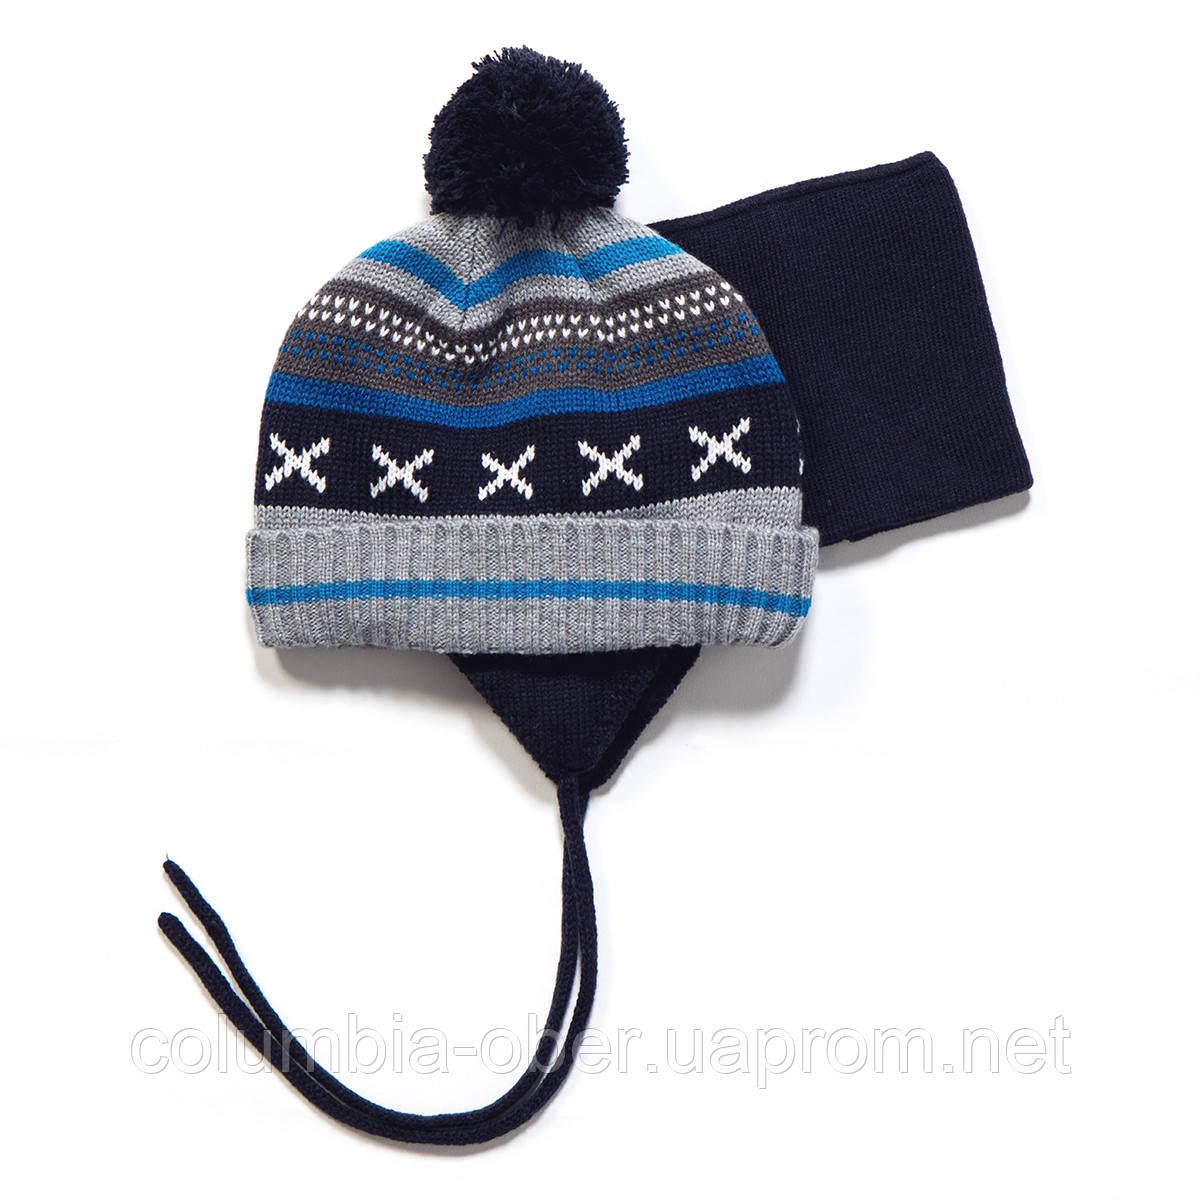 Зимняя шапка + манишка для мальчика PELUCHE F17 ACC 07 BG GHT-Navy. Размеры 0/6 мес - 2/3.